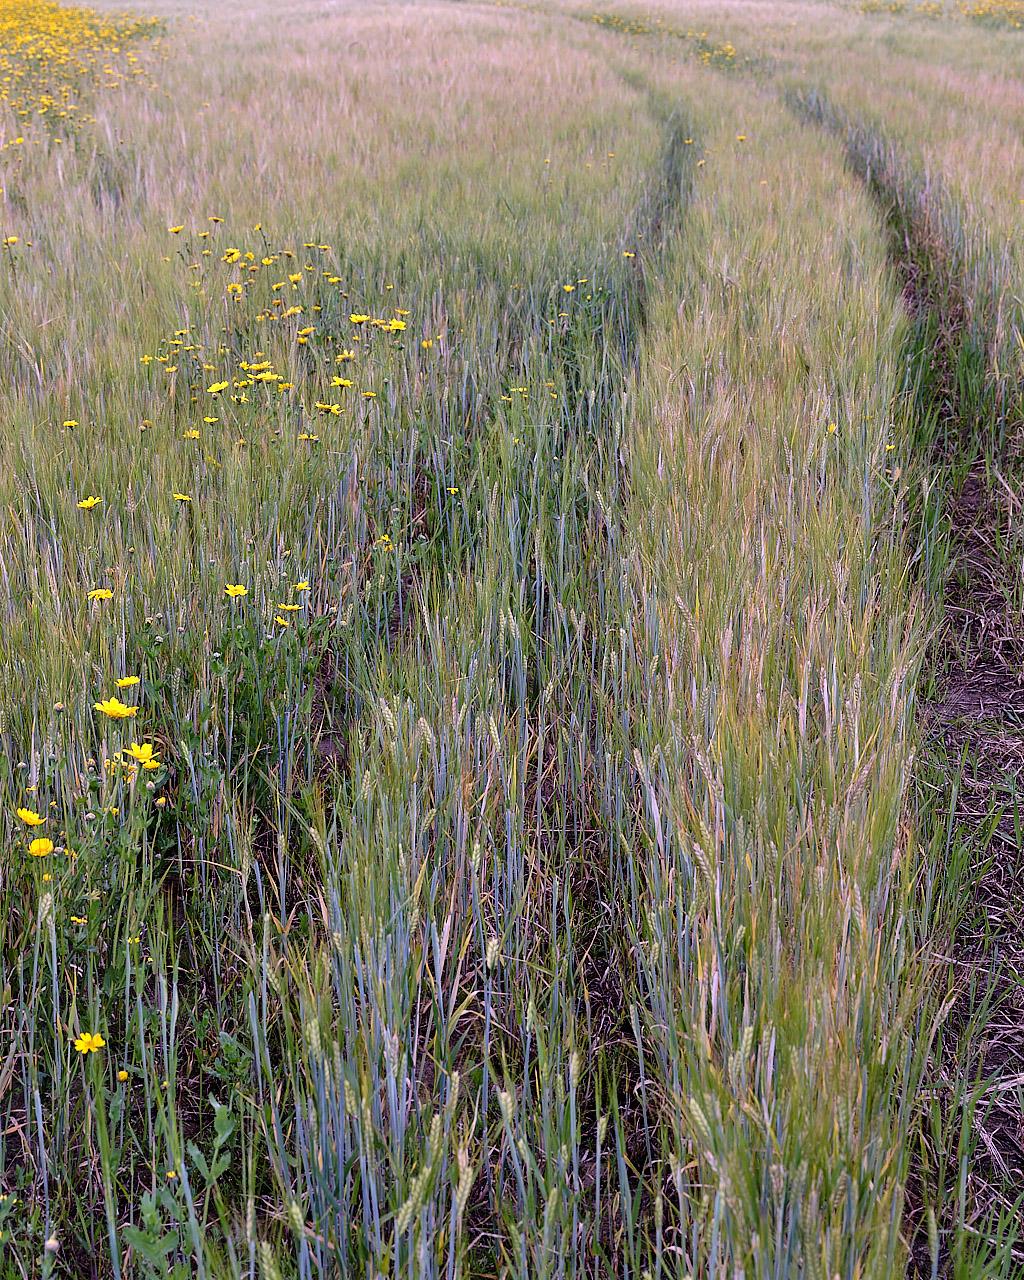 Through A Field